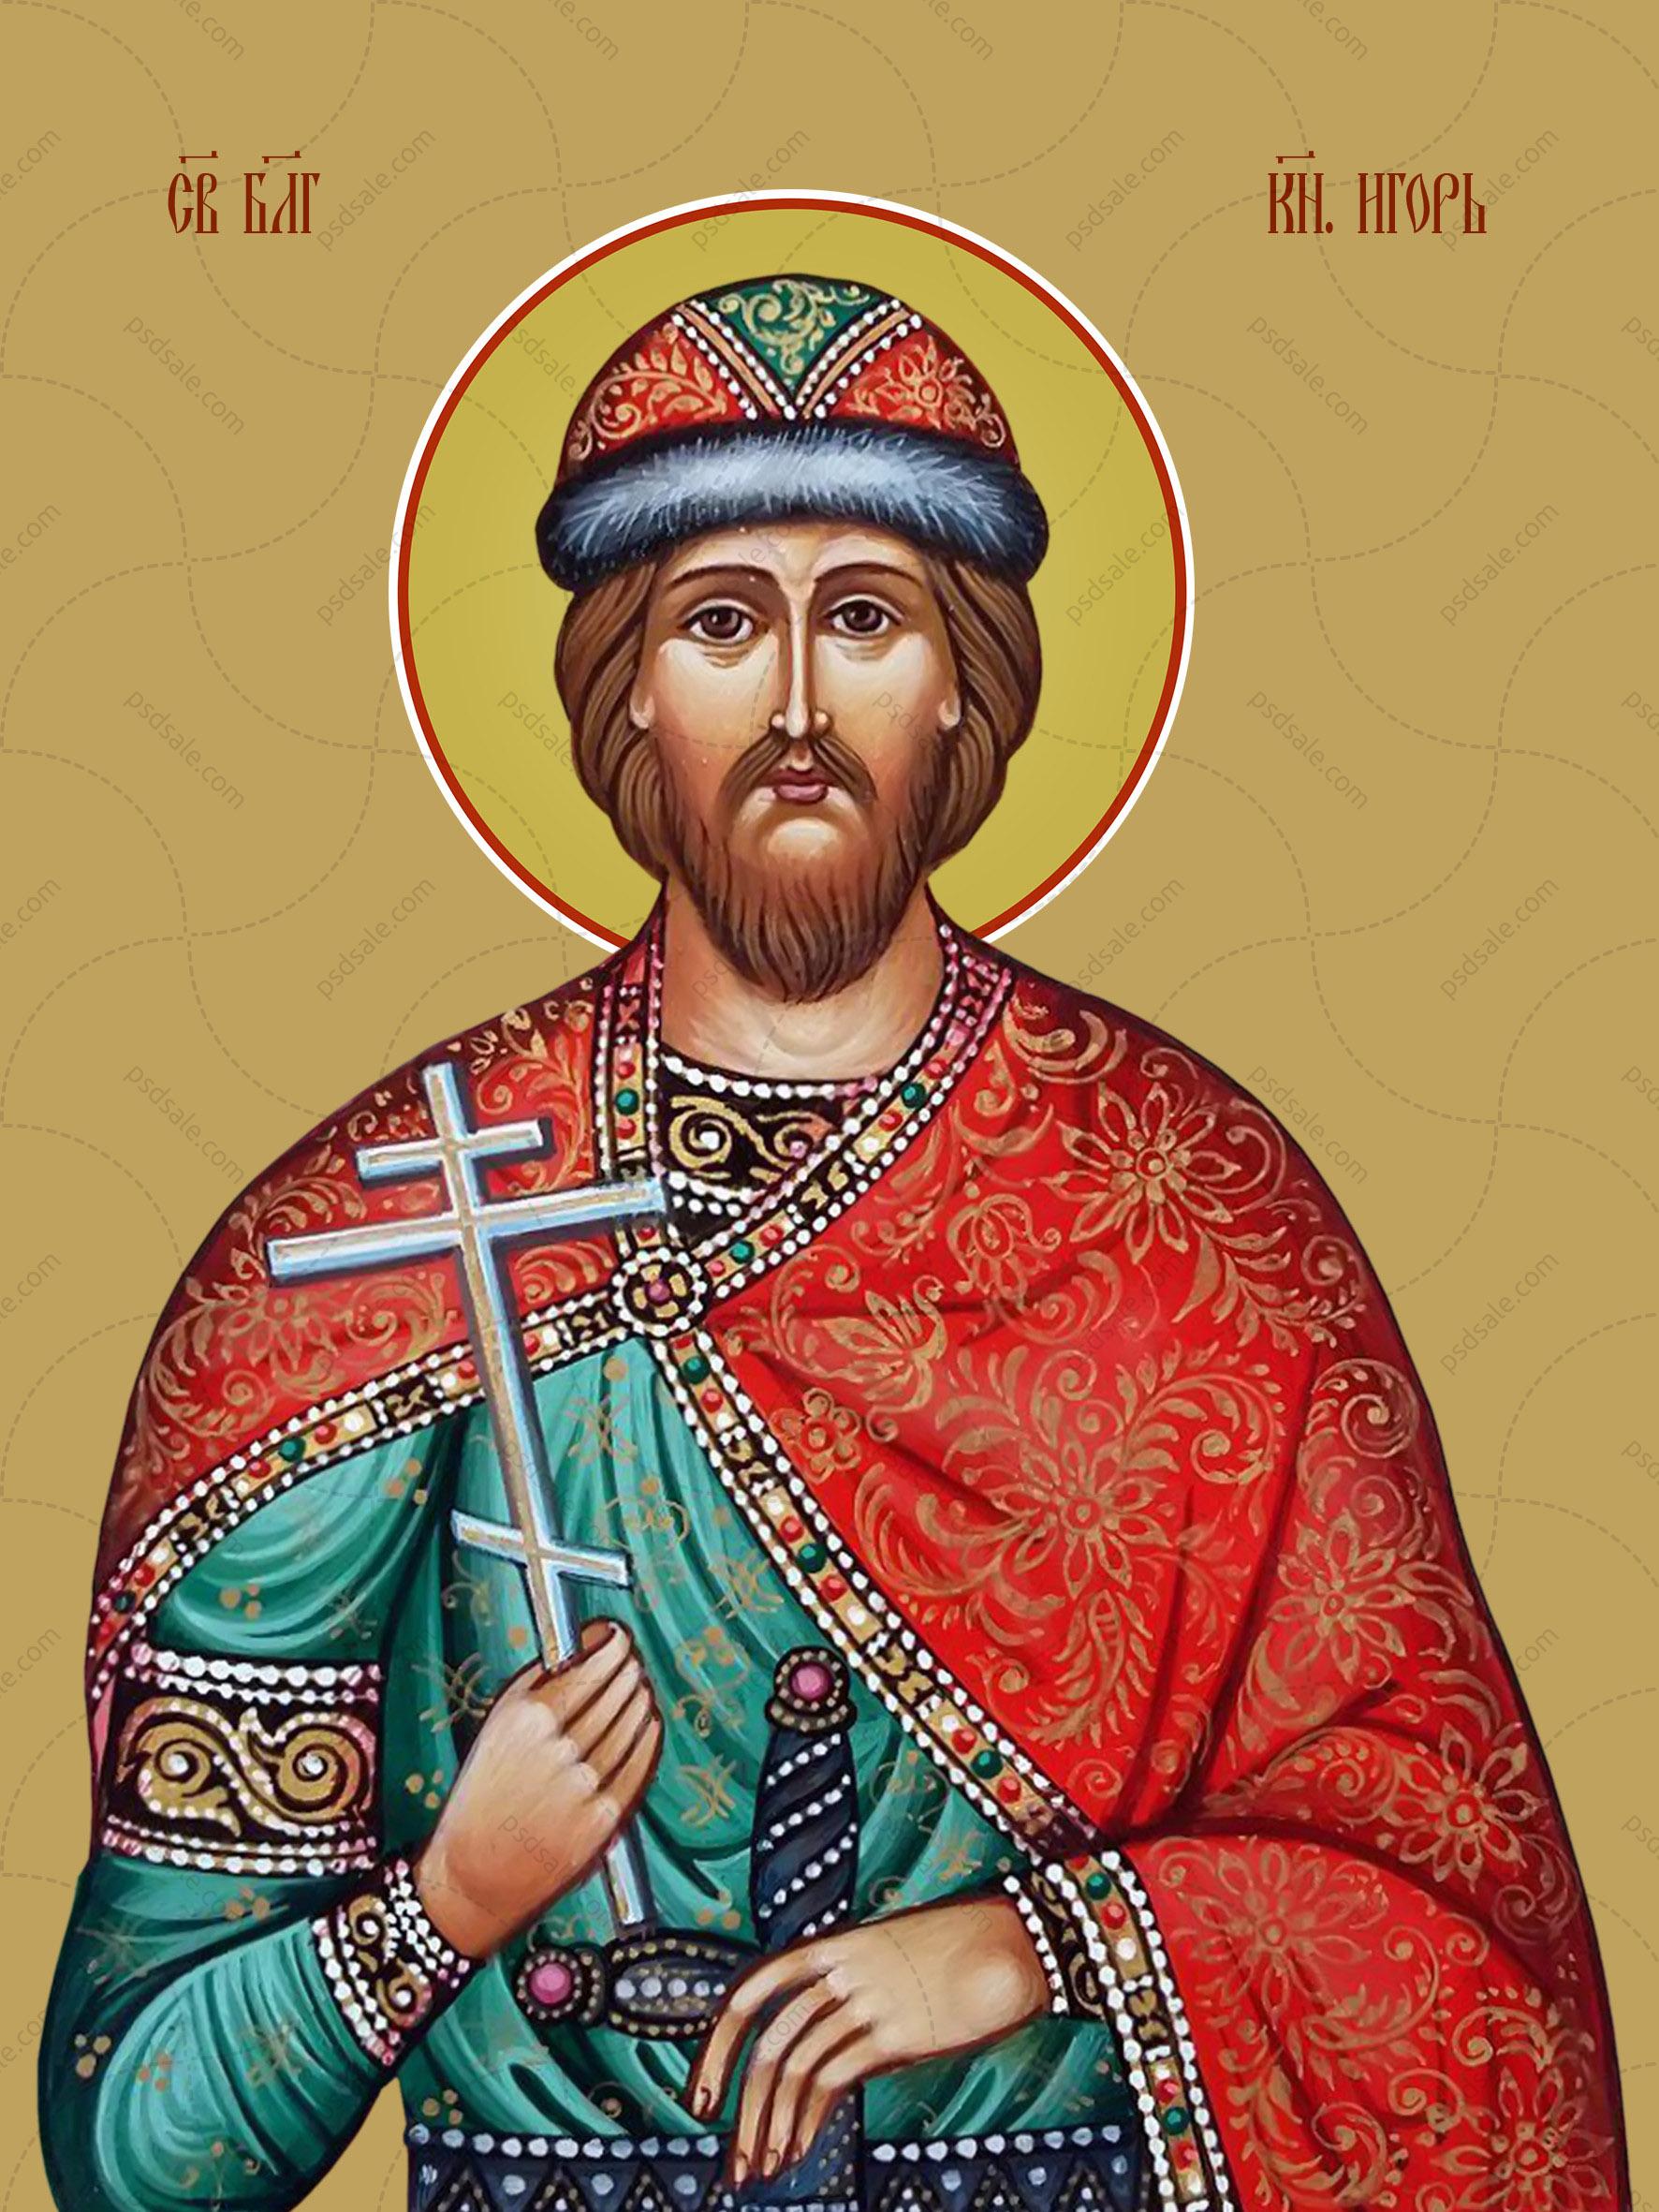 Игорь, святой благоверный князь